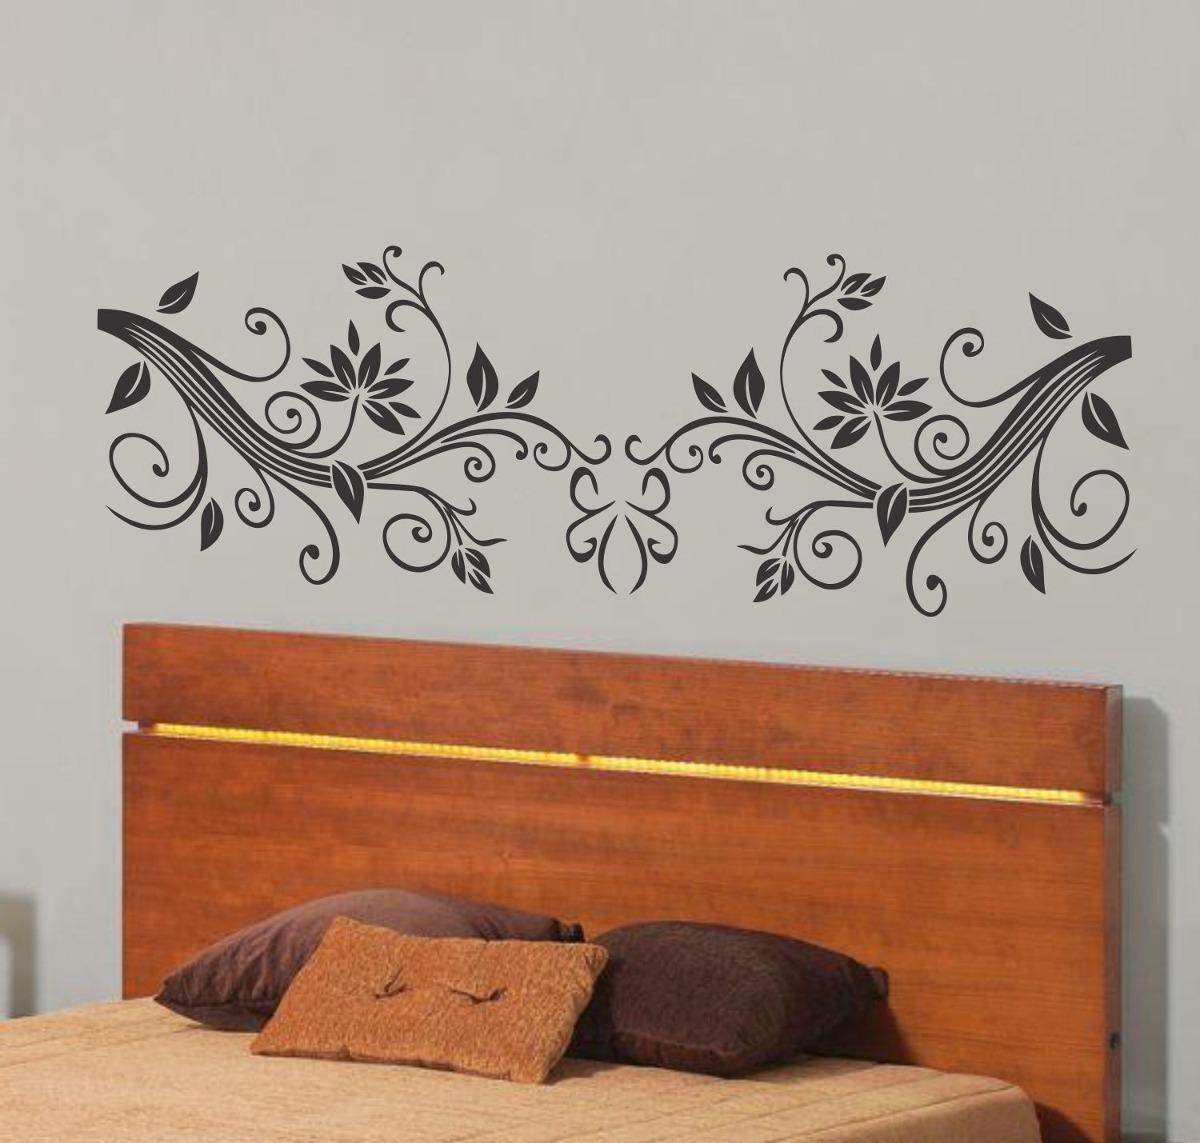 Ideias Artesanato Decoração ~ Adesivo Decorativo Cabeceira De Cama De Casal Lindos Modelos R$ 43,98 no MercadoLivre